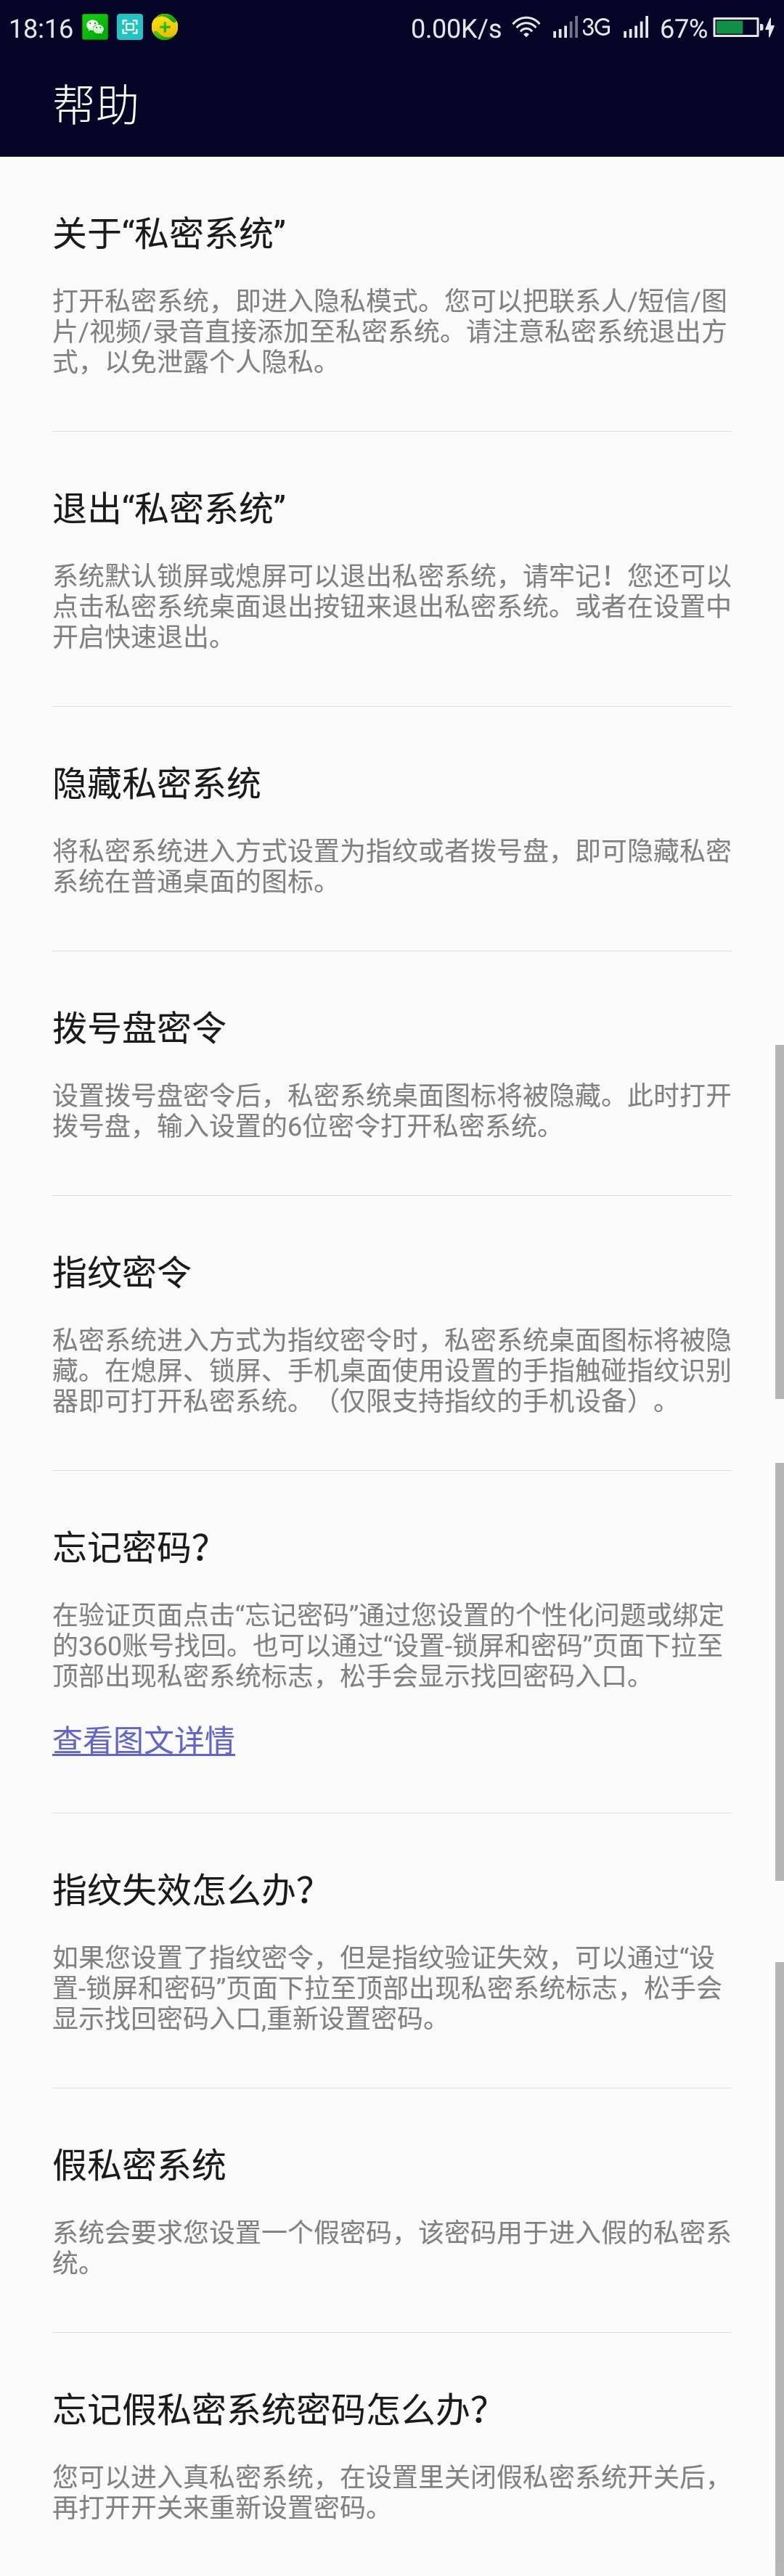 Screenshot_2017-04-22-18-16-57_compress.png